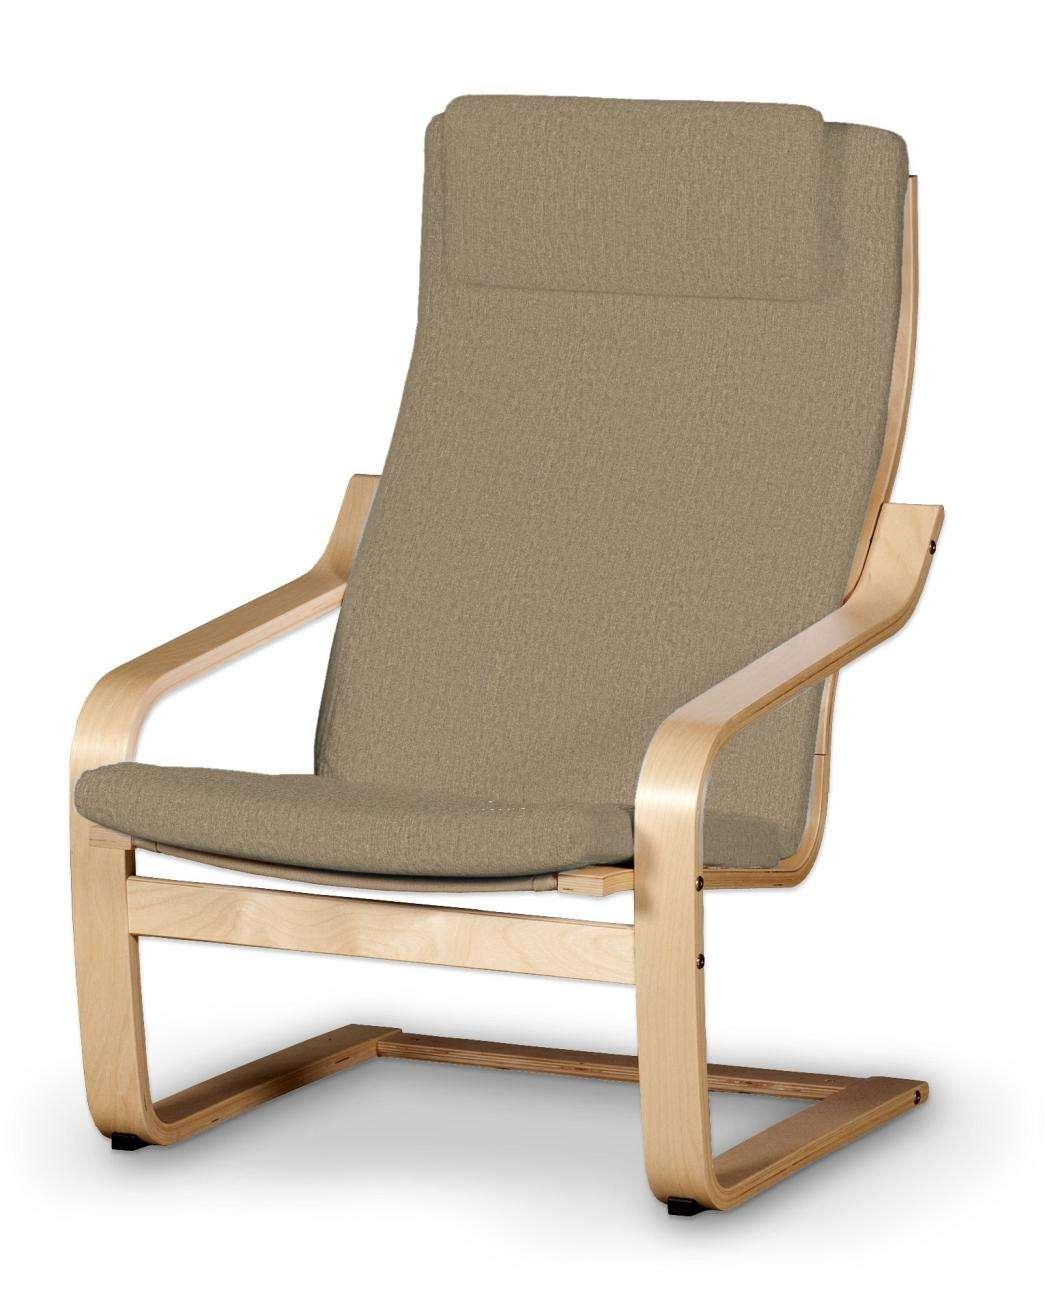 Poäng II  fotelio užvalkalas (su nuimama pagalvėle) Poäng II fotelis su nuimama pagalvėle kolekcijoje Chenille, audinys: 702-21